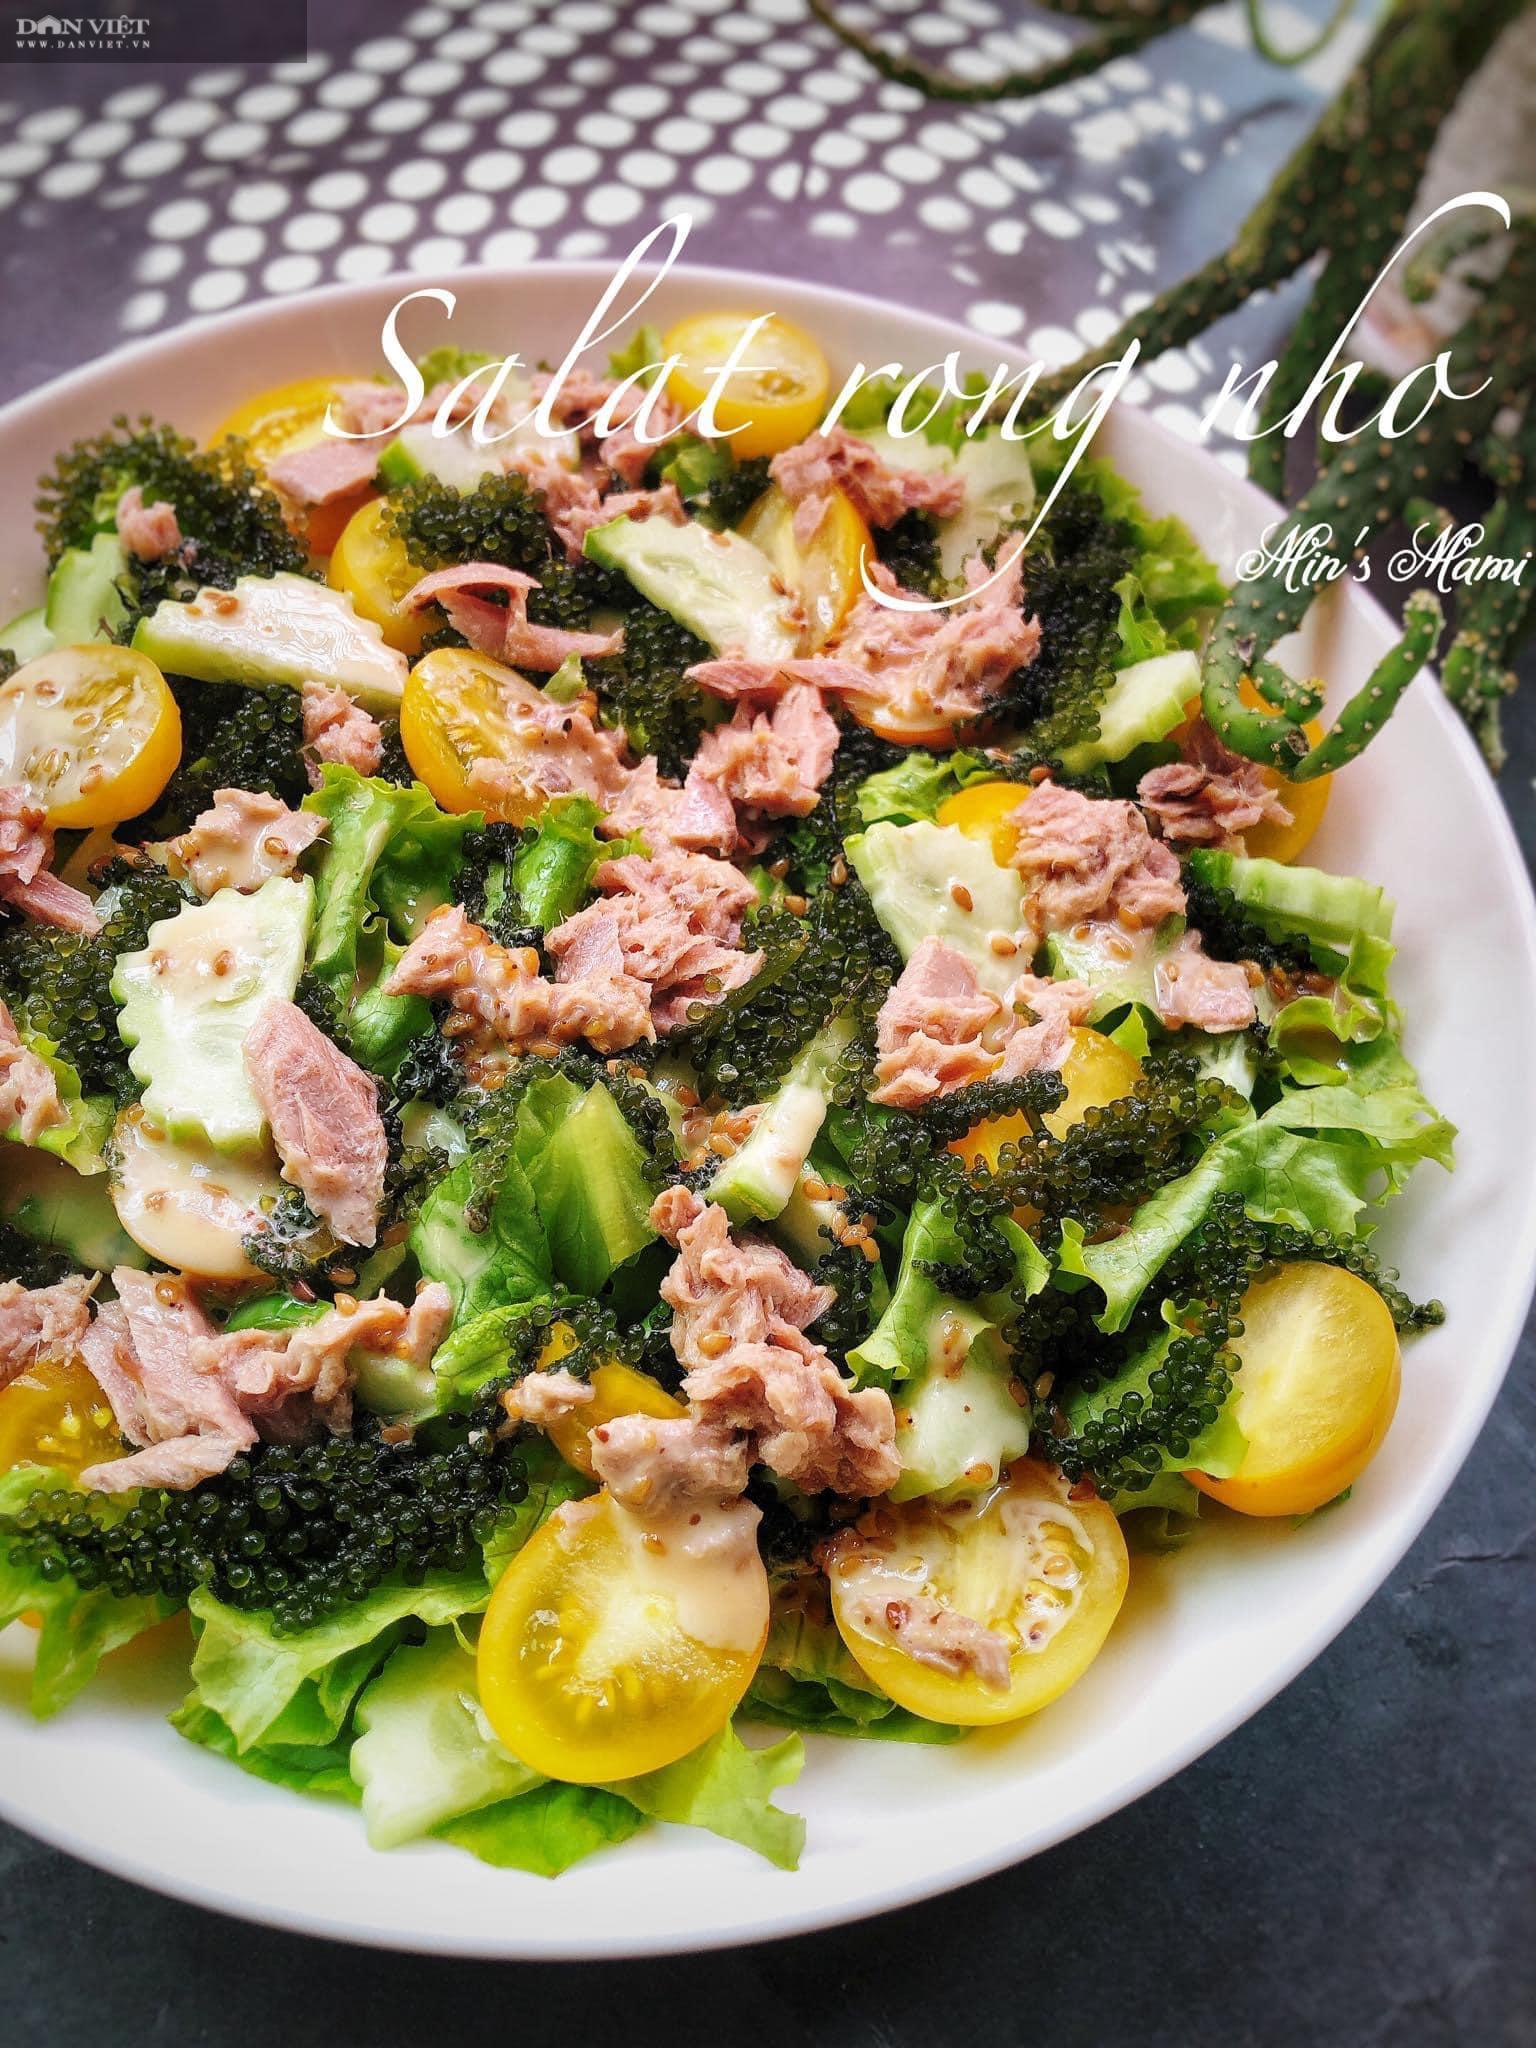 Gợi ý 11 món salad đẹp da, đẹp dáng cho chị em - Ảnh 3.